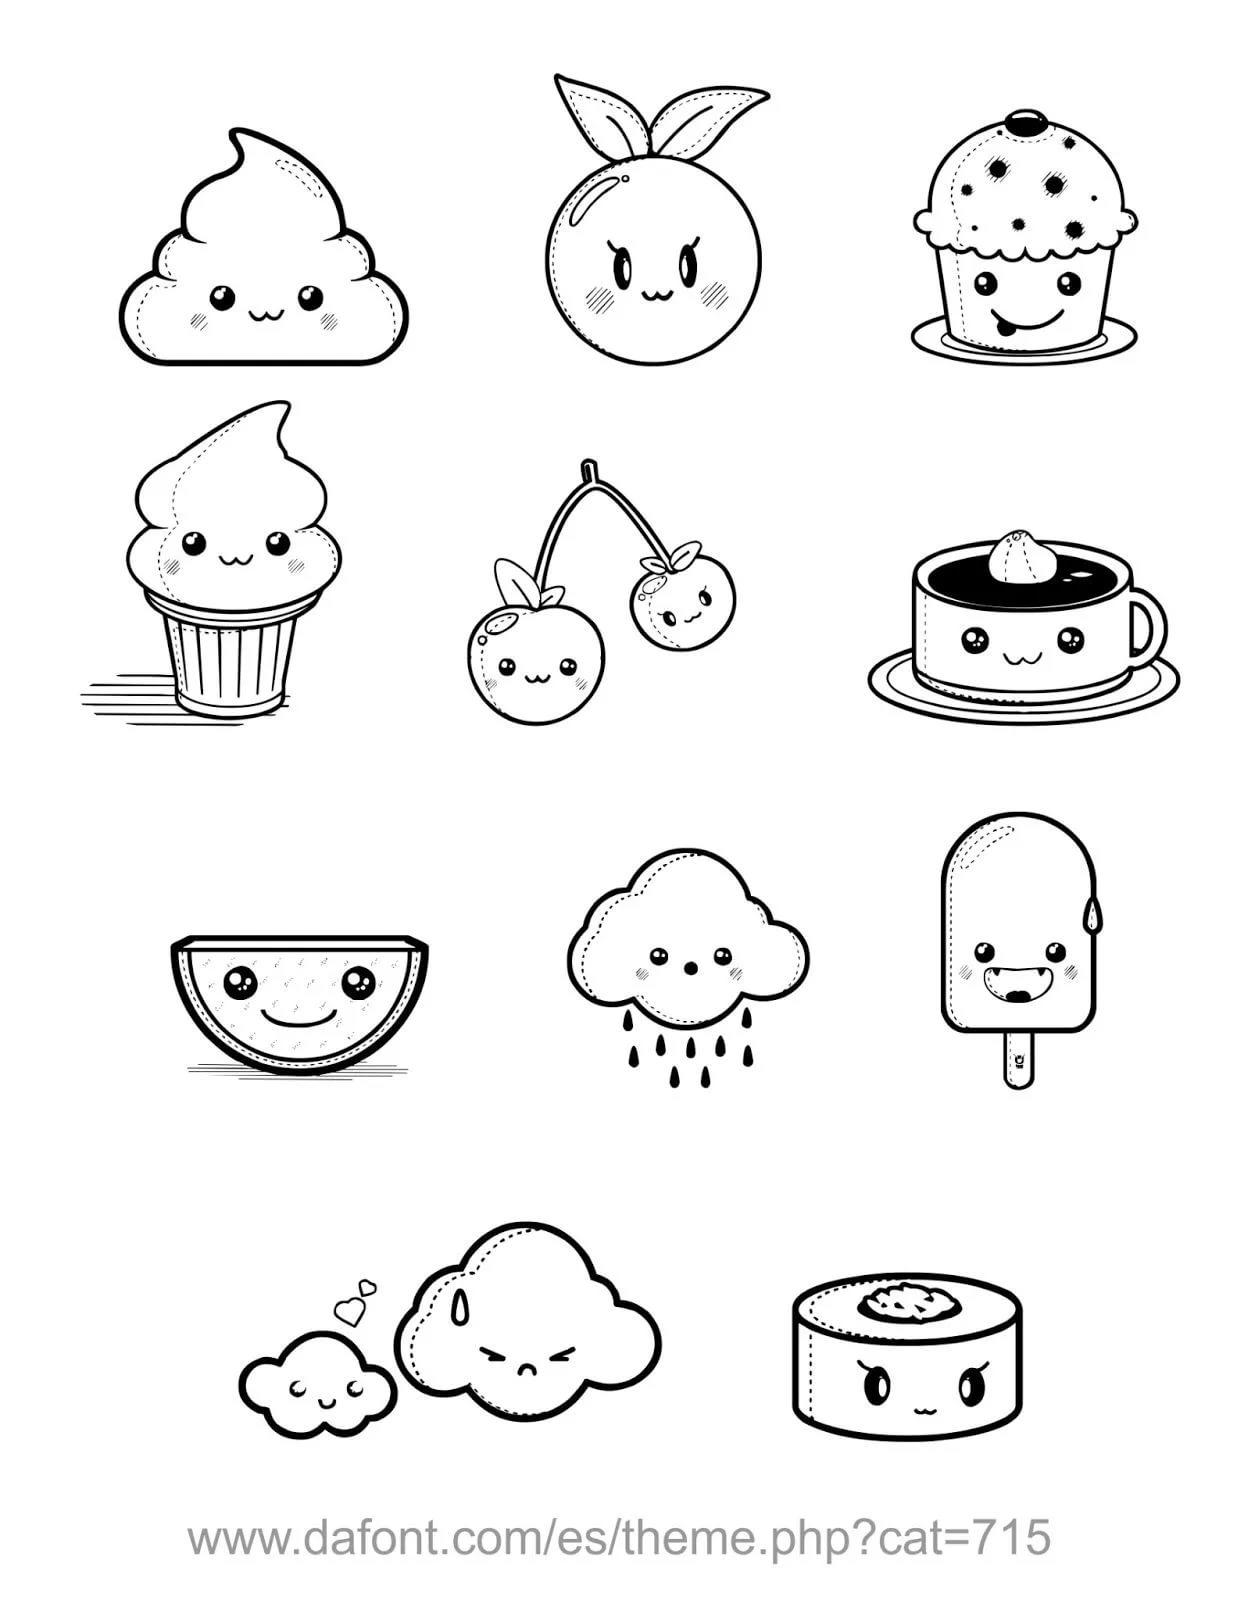 Милые и легкие рисунки для срисовки   самые красивые 16